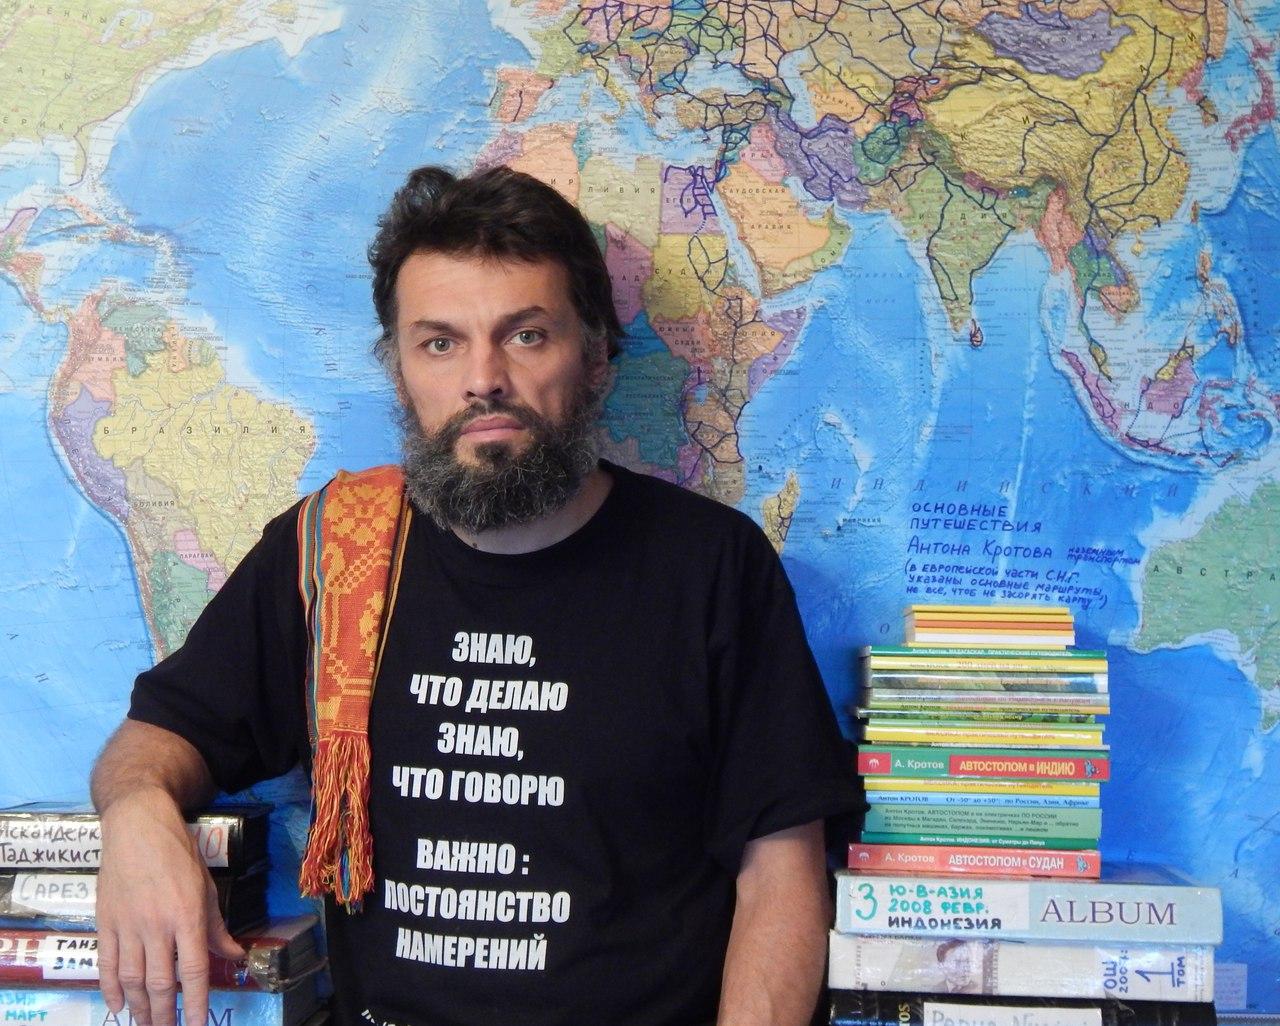 В Тверь приедет знаменитый путешественник и писатель Антон Кротов